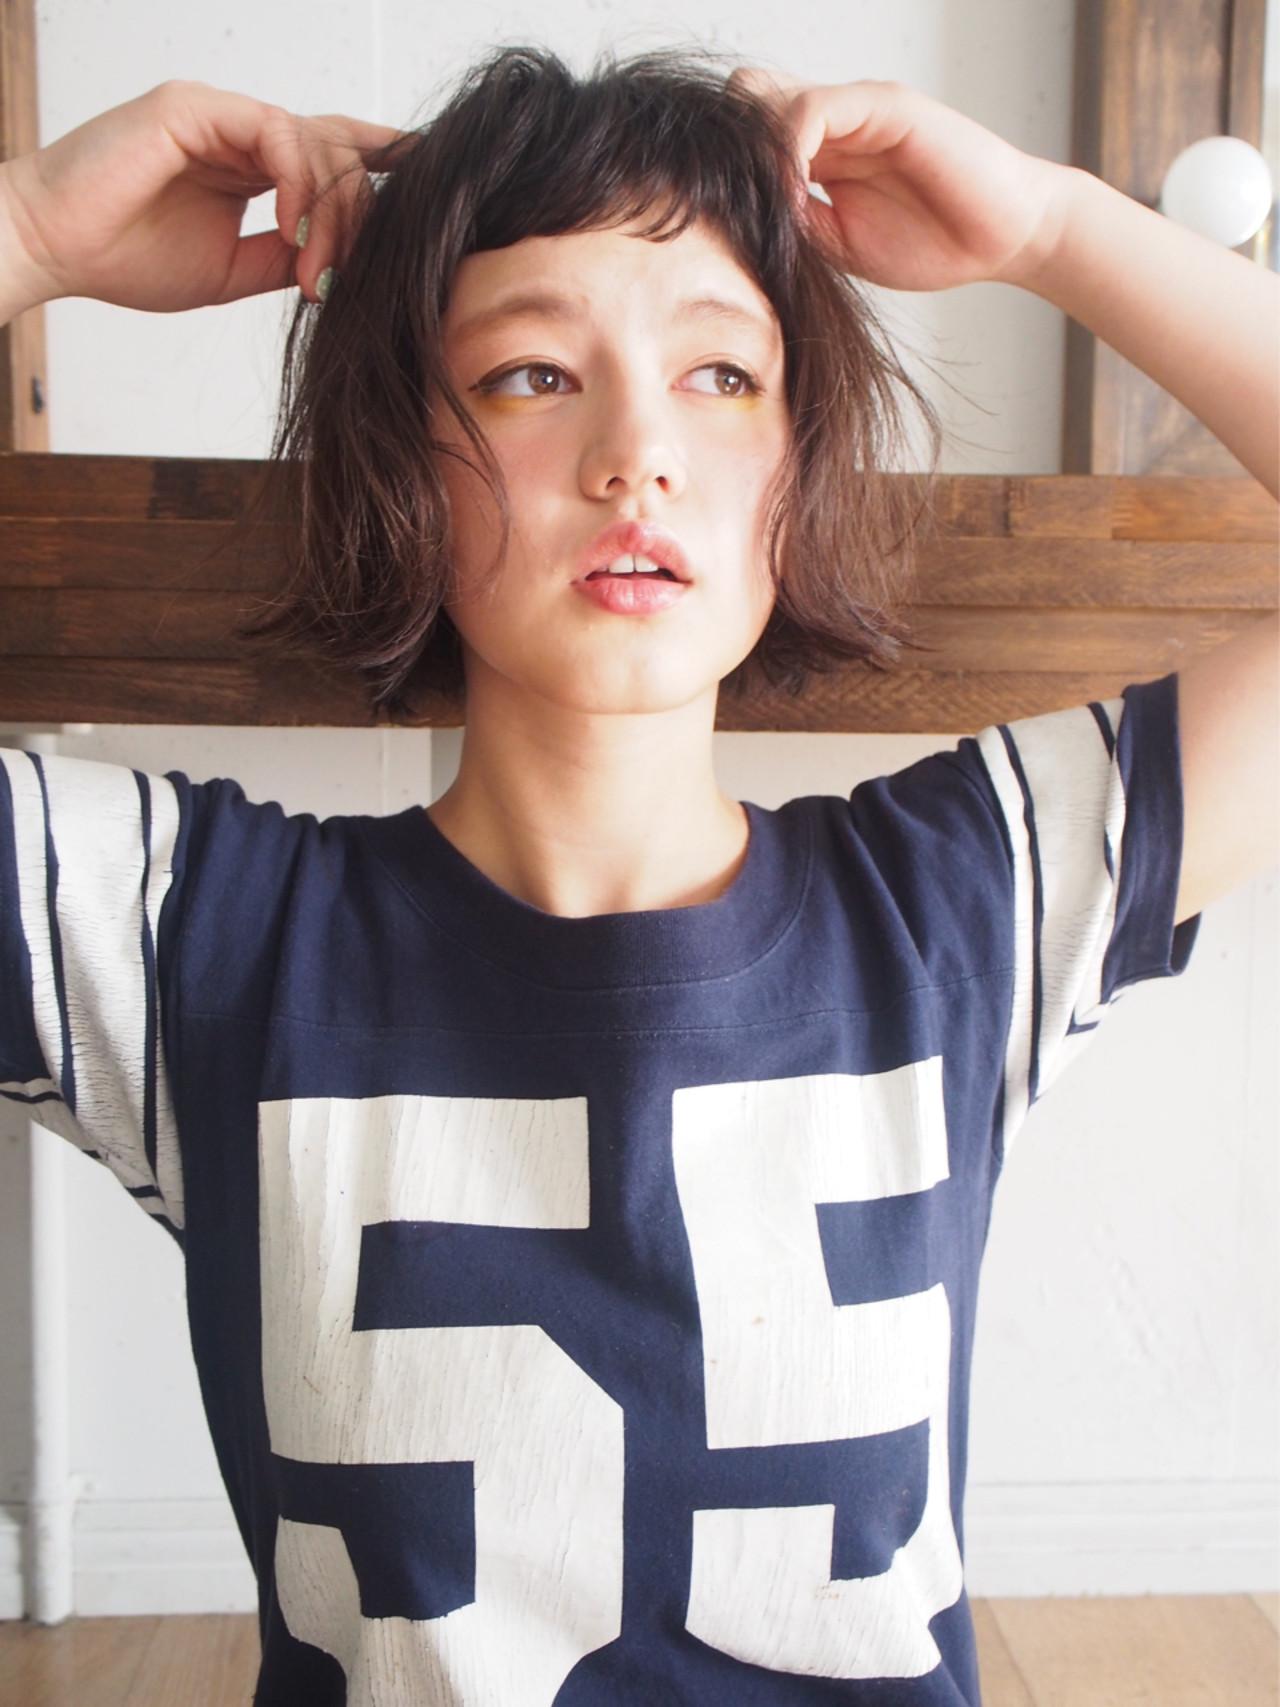 前髪あり レイヤーカット ストリート パーマ ヘアスタイルや髪型の写真・画像 | 一色 さおり / LOAVE AOYAMA(ローブ アオヤマ)